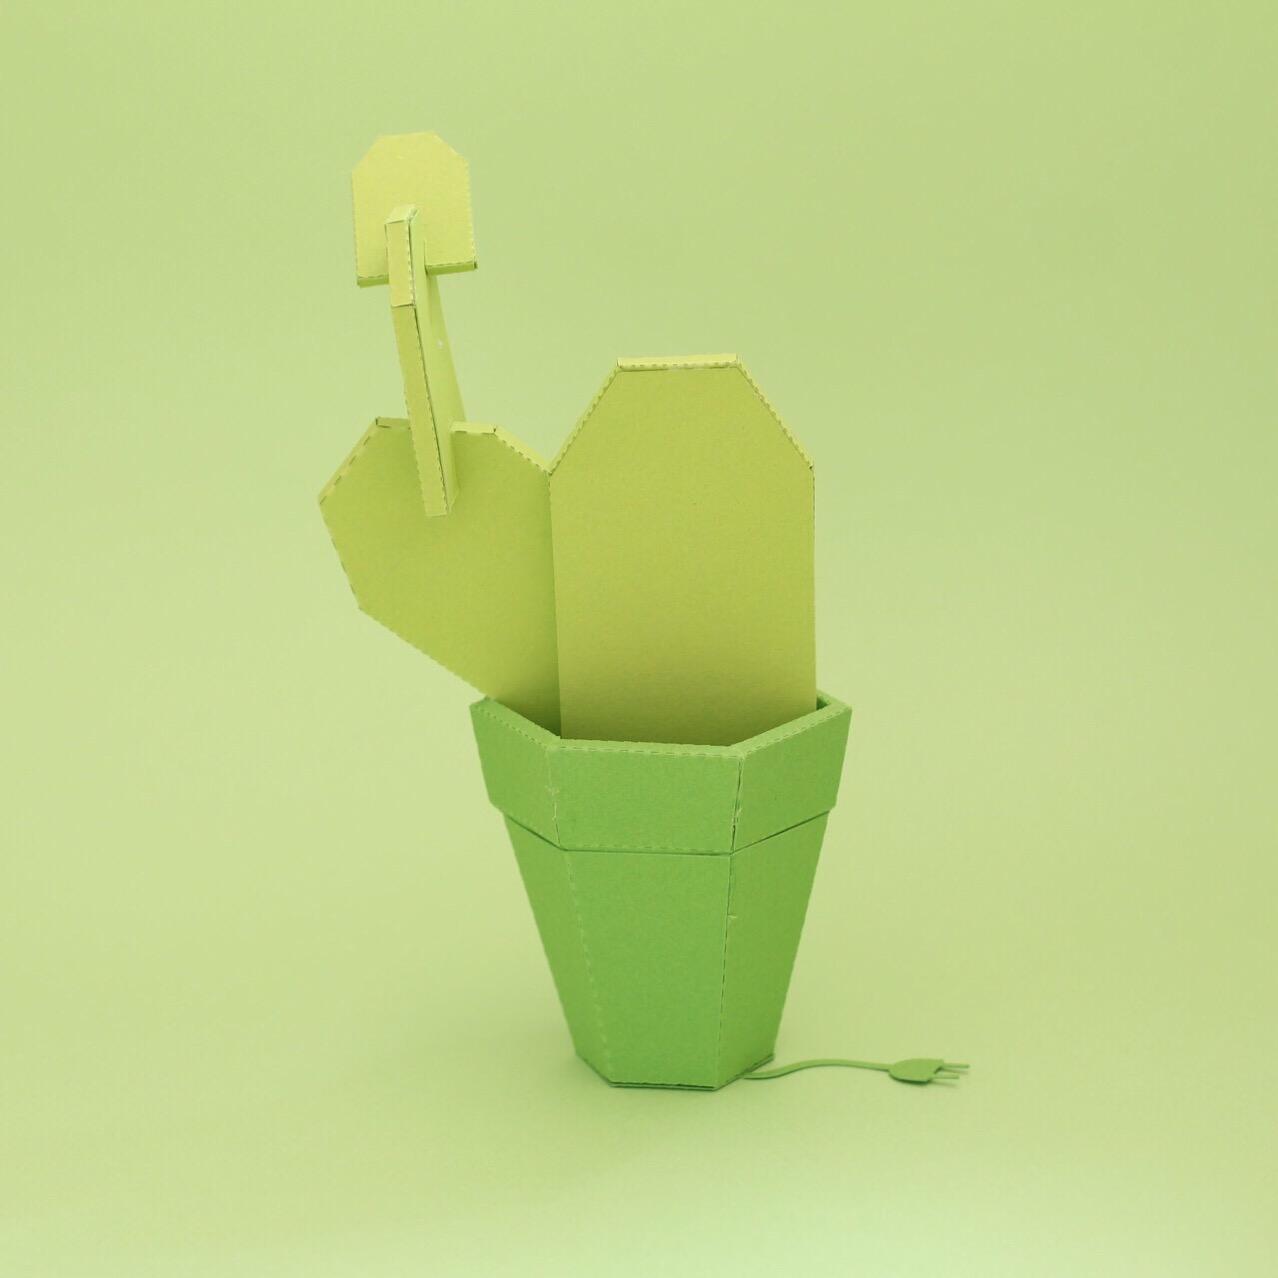 Vert Montage papier coloré : color papercut l Sp4nkblog